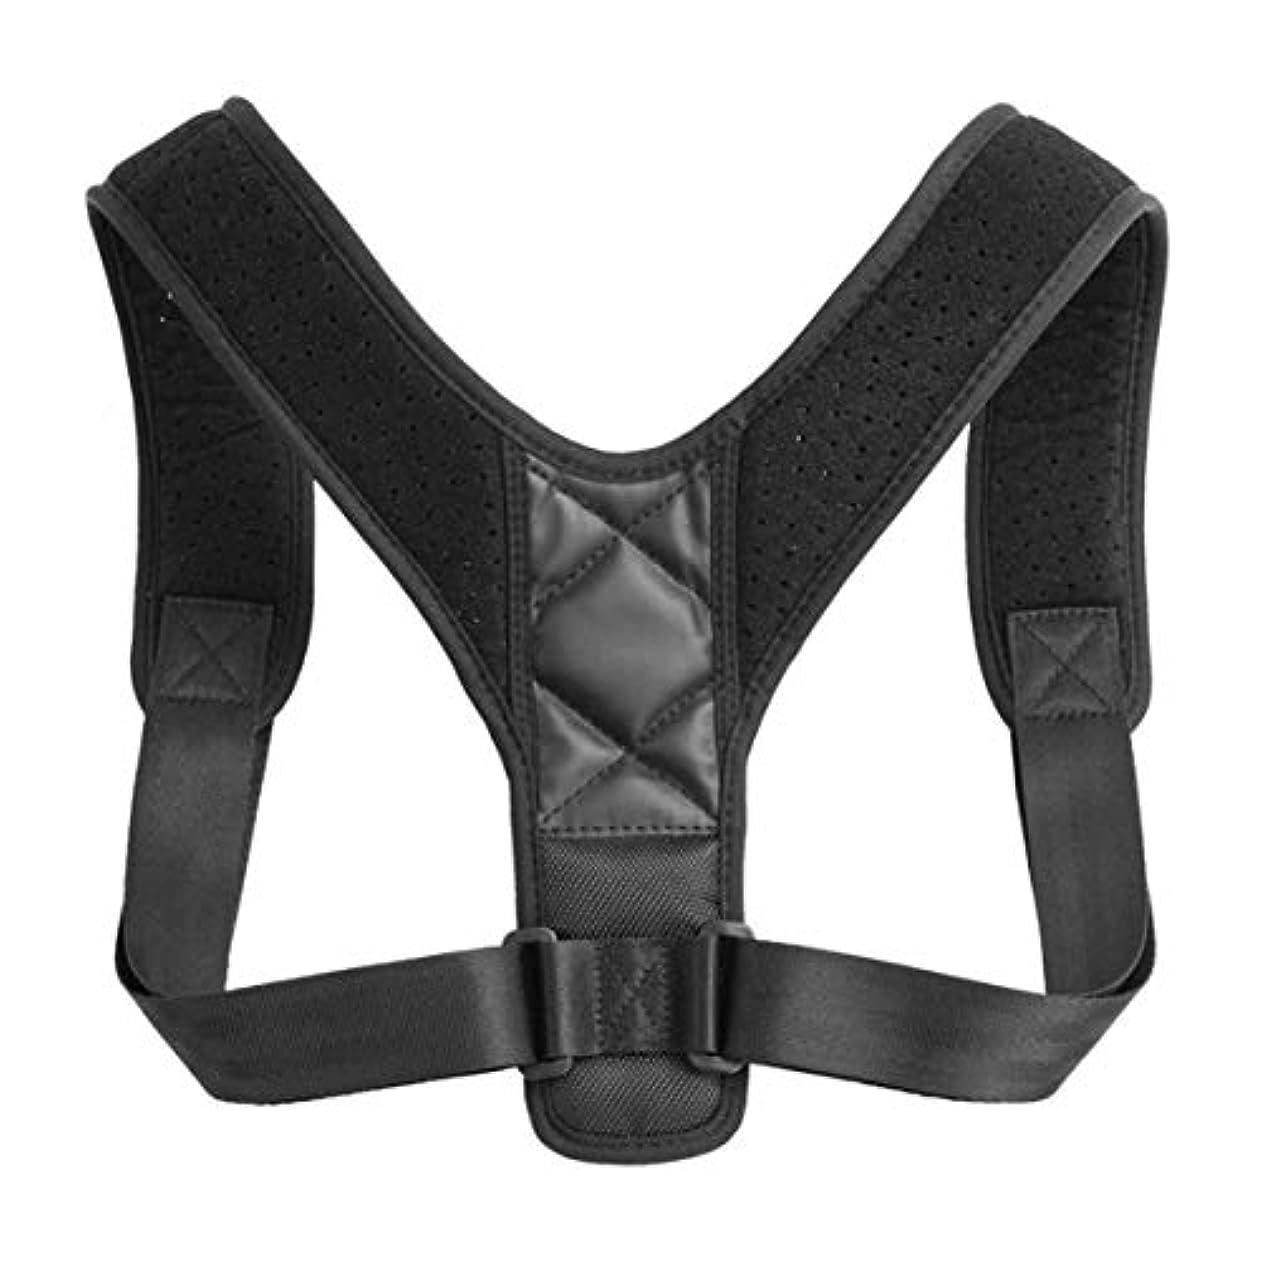 プログラム信頼性エゴイズム大人の学生調節可能な背中の姿勢補正ブレースショルダーサポートバンドベルトの姿勢正しいベルト防止ハンチバック - ブラック